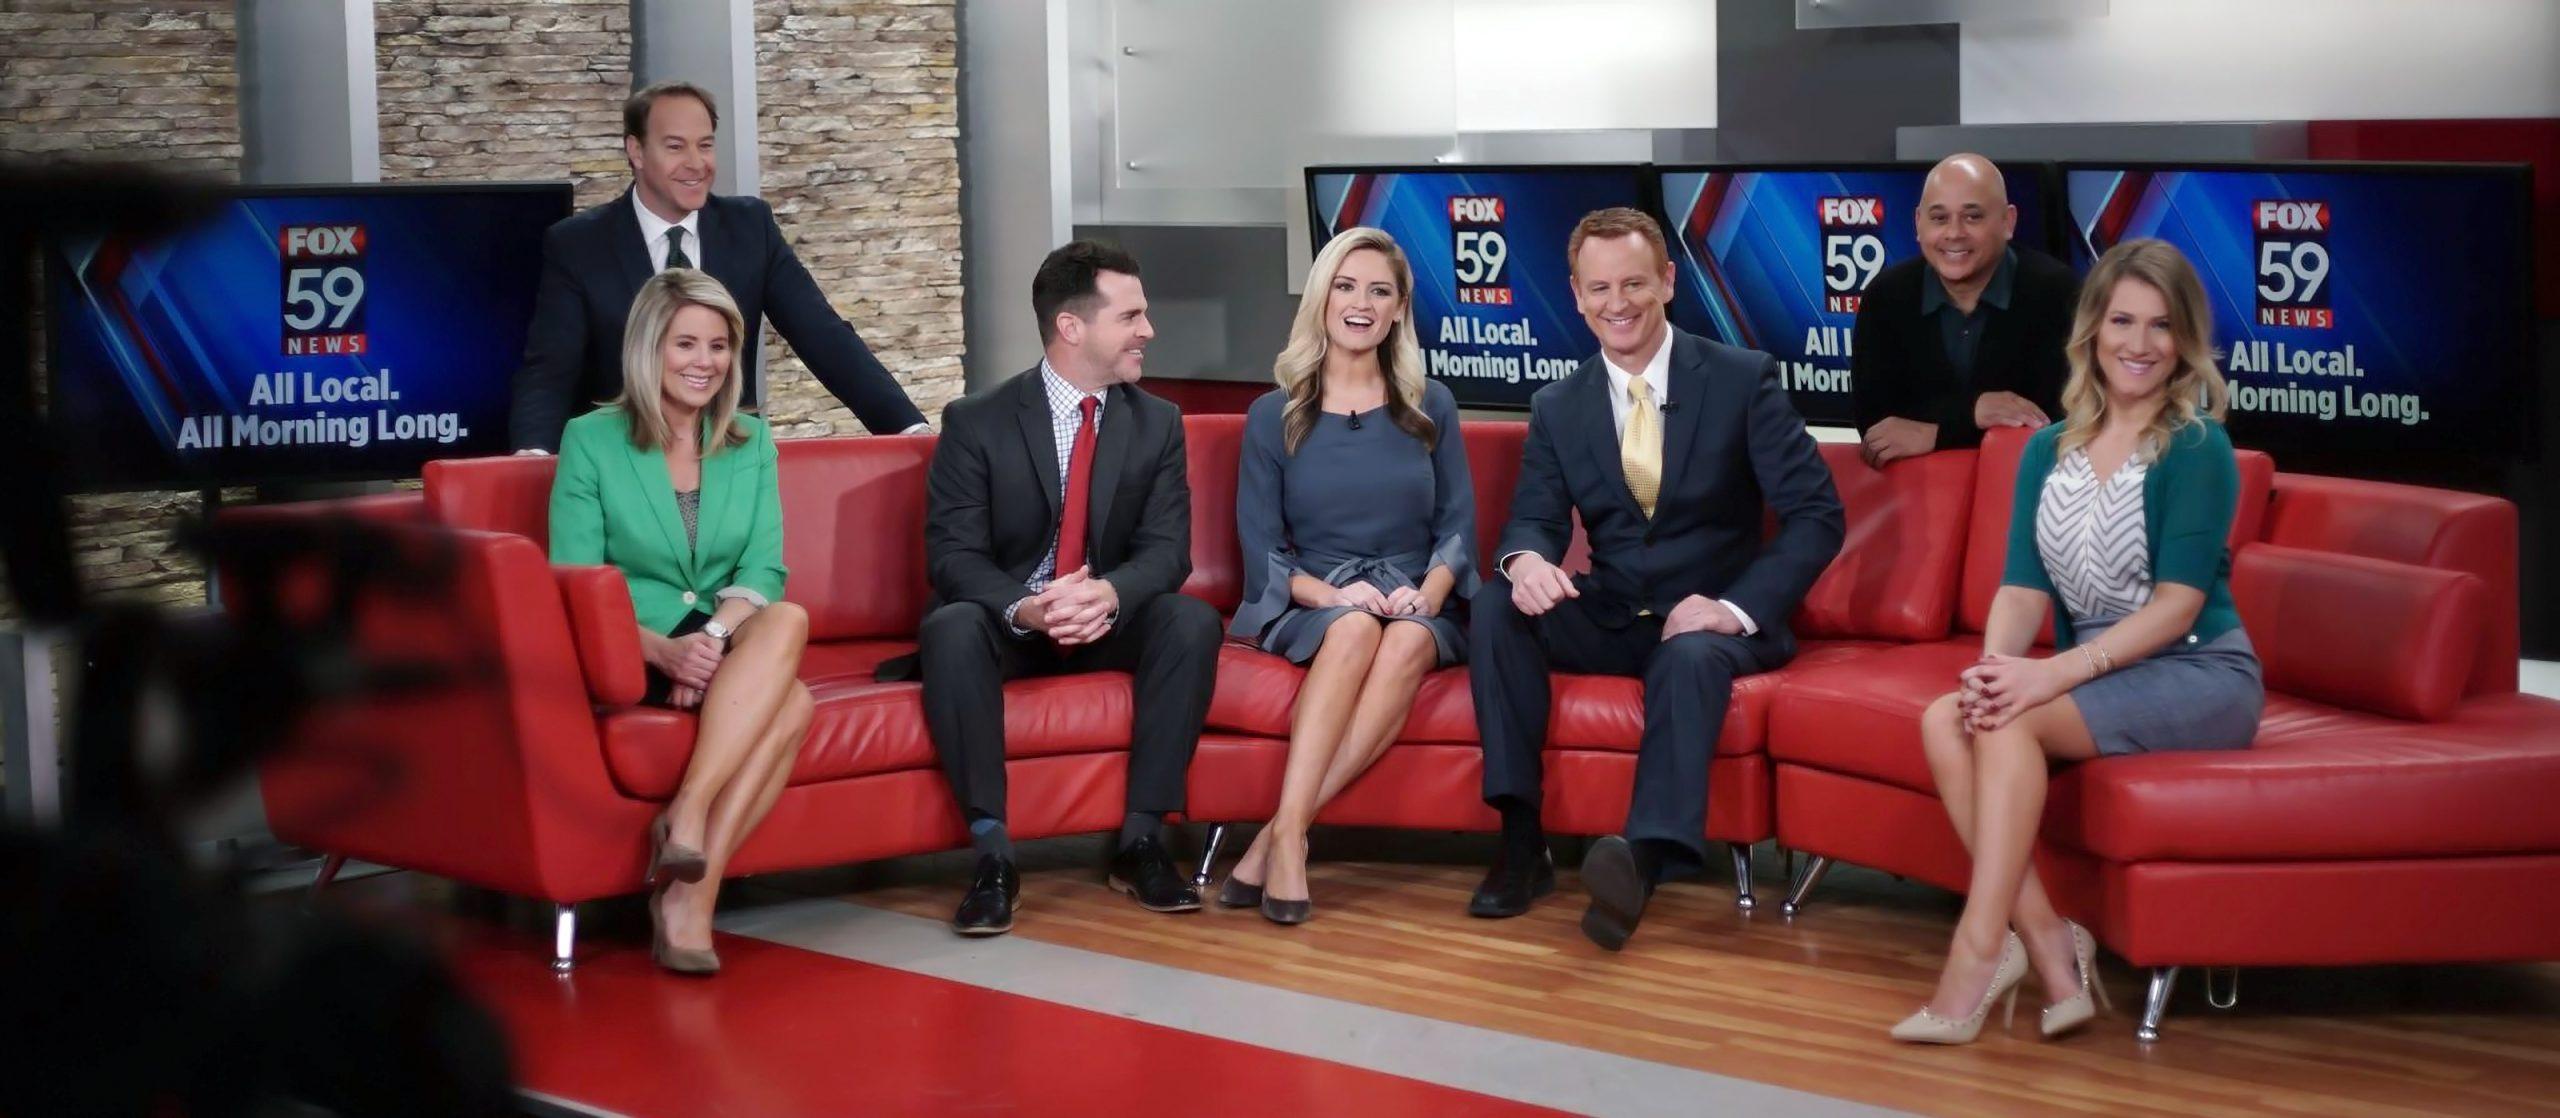 Fox 59 Morning News Team